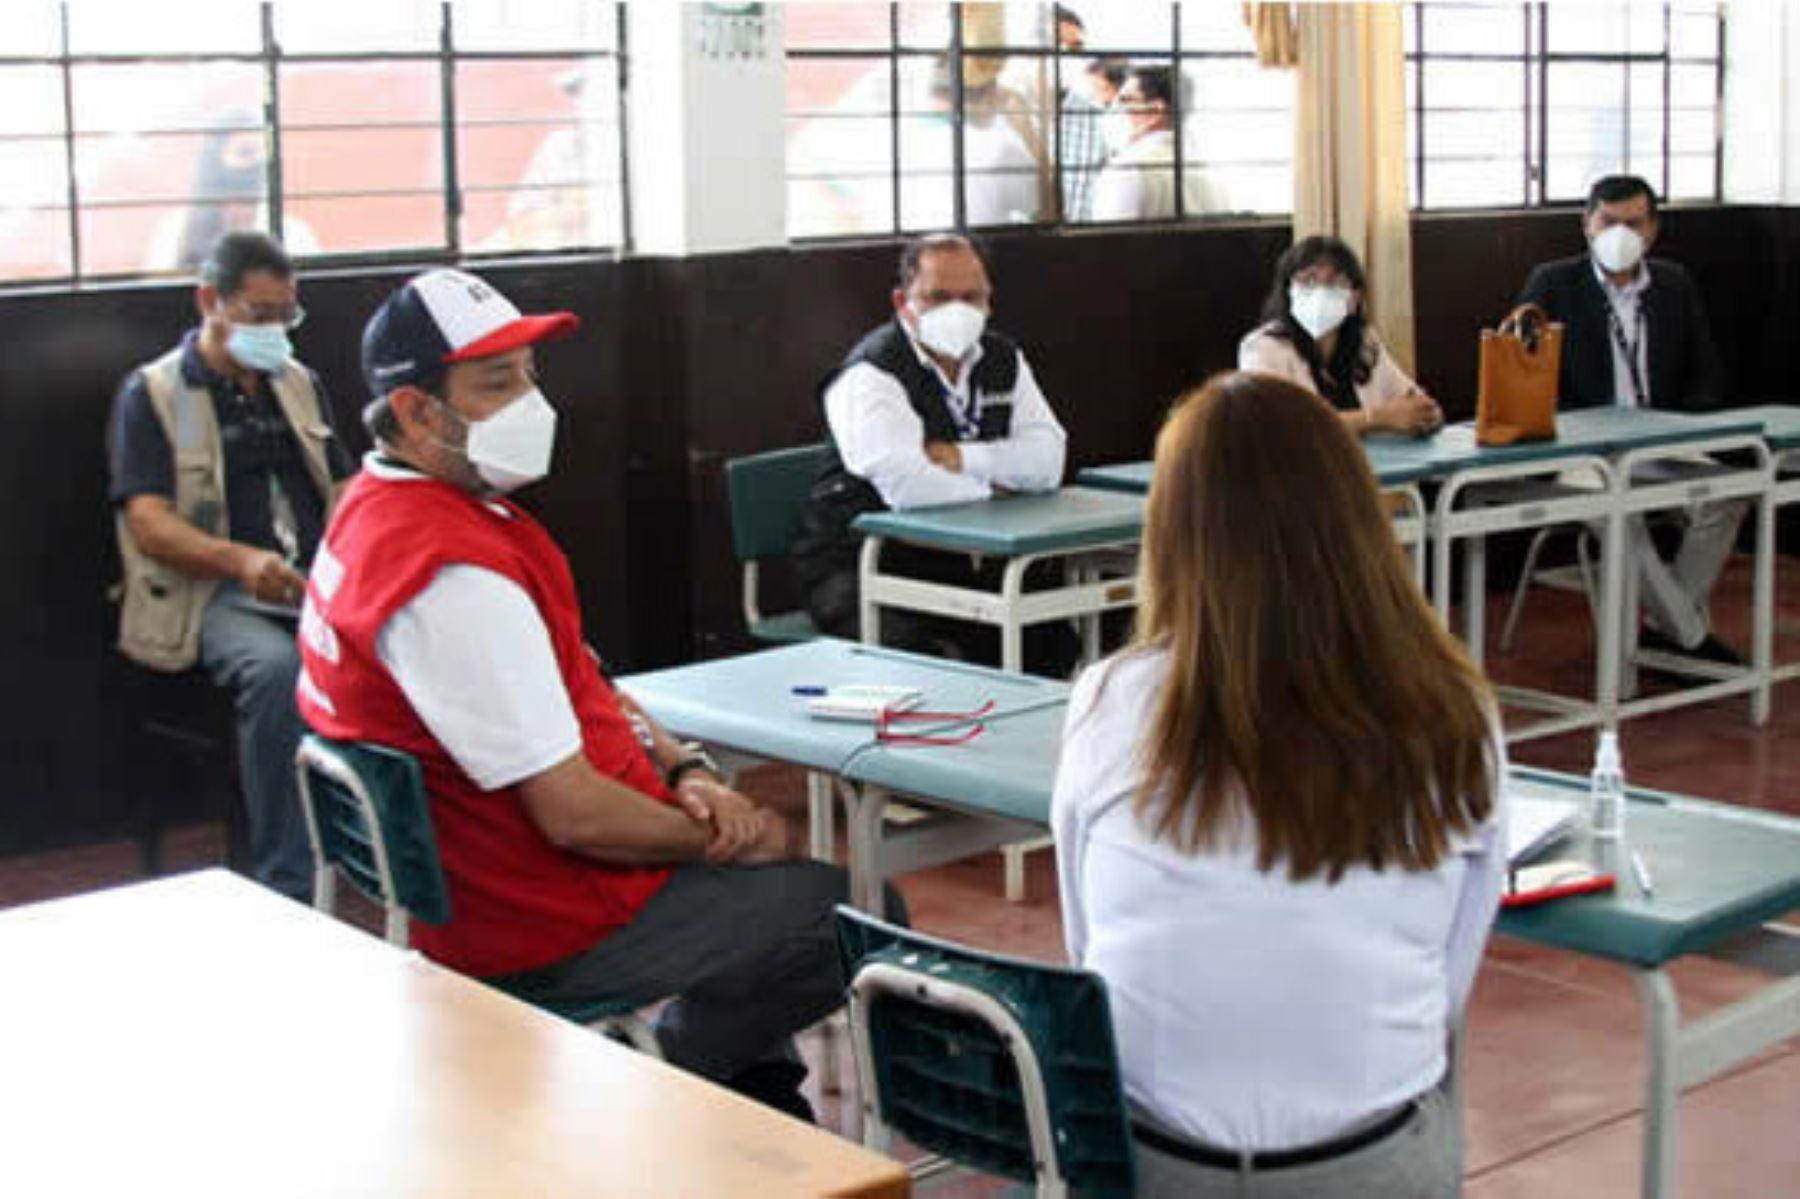 El ministro de Educación, Ricardo Cuenca, participó en la entrega de tablets a estudiantes de la institución educativa N° 20123 del centro poblado de Asia, en la provincia limeña de Cañete. Foto: Minedu